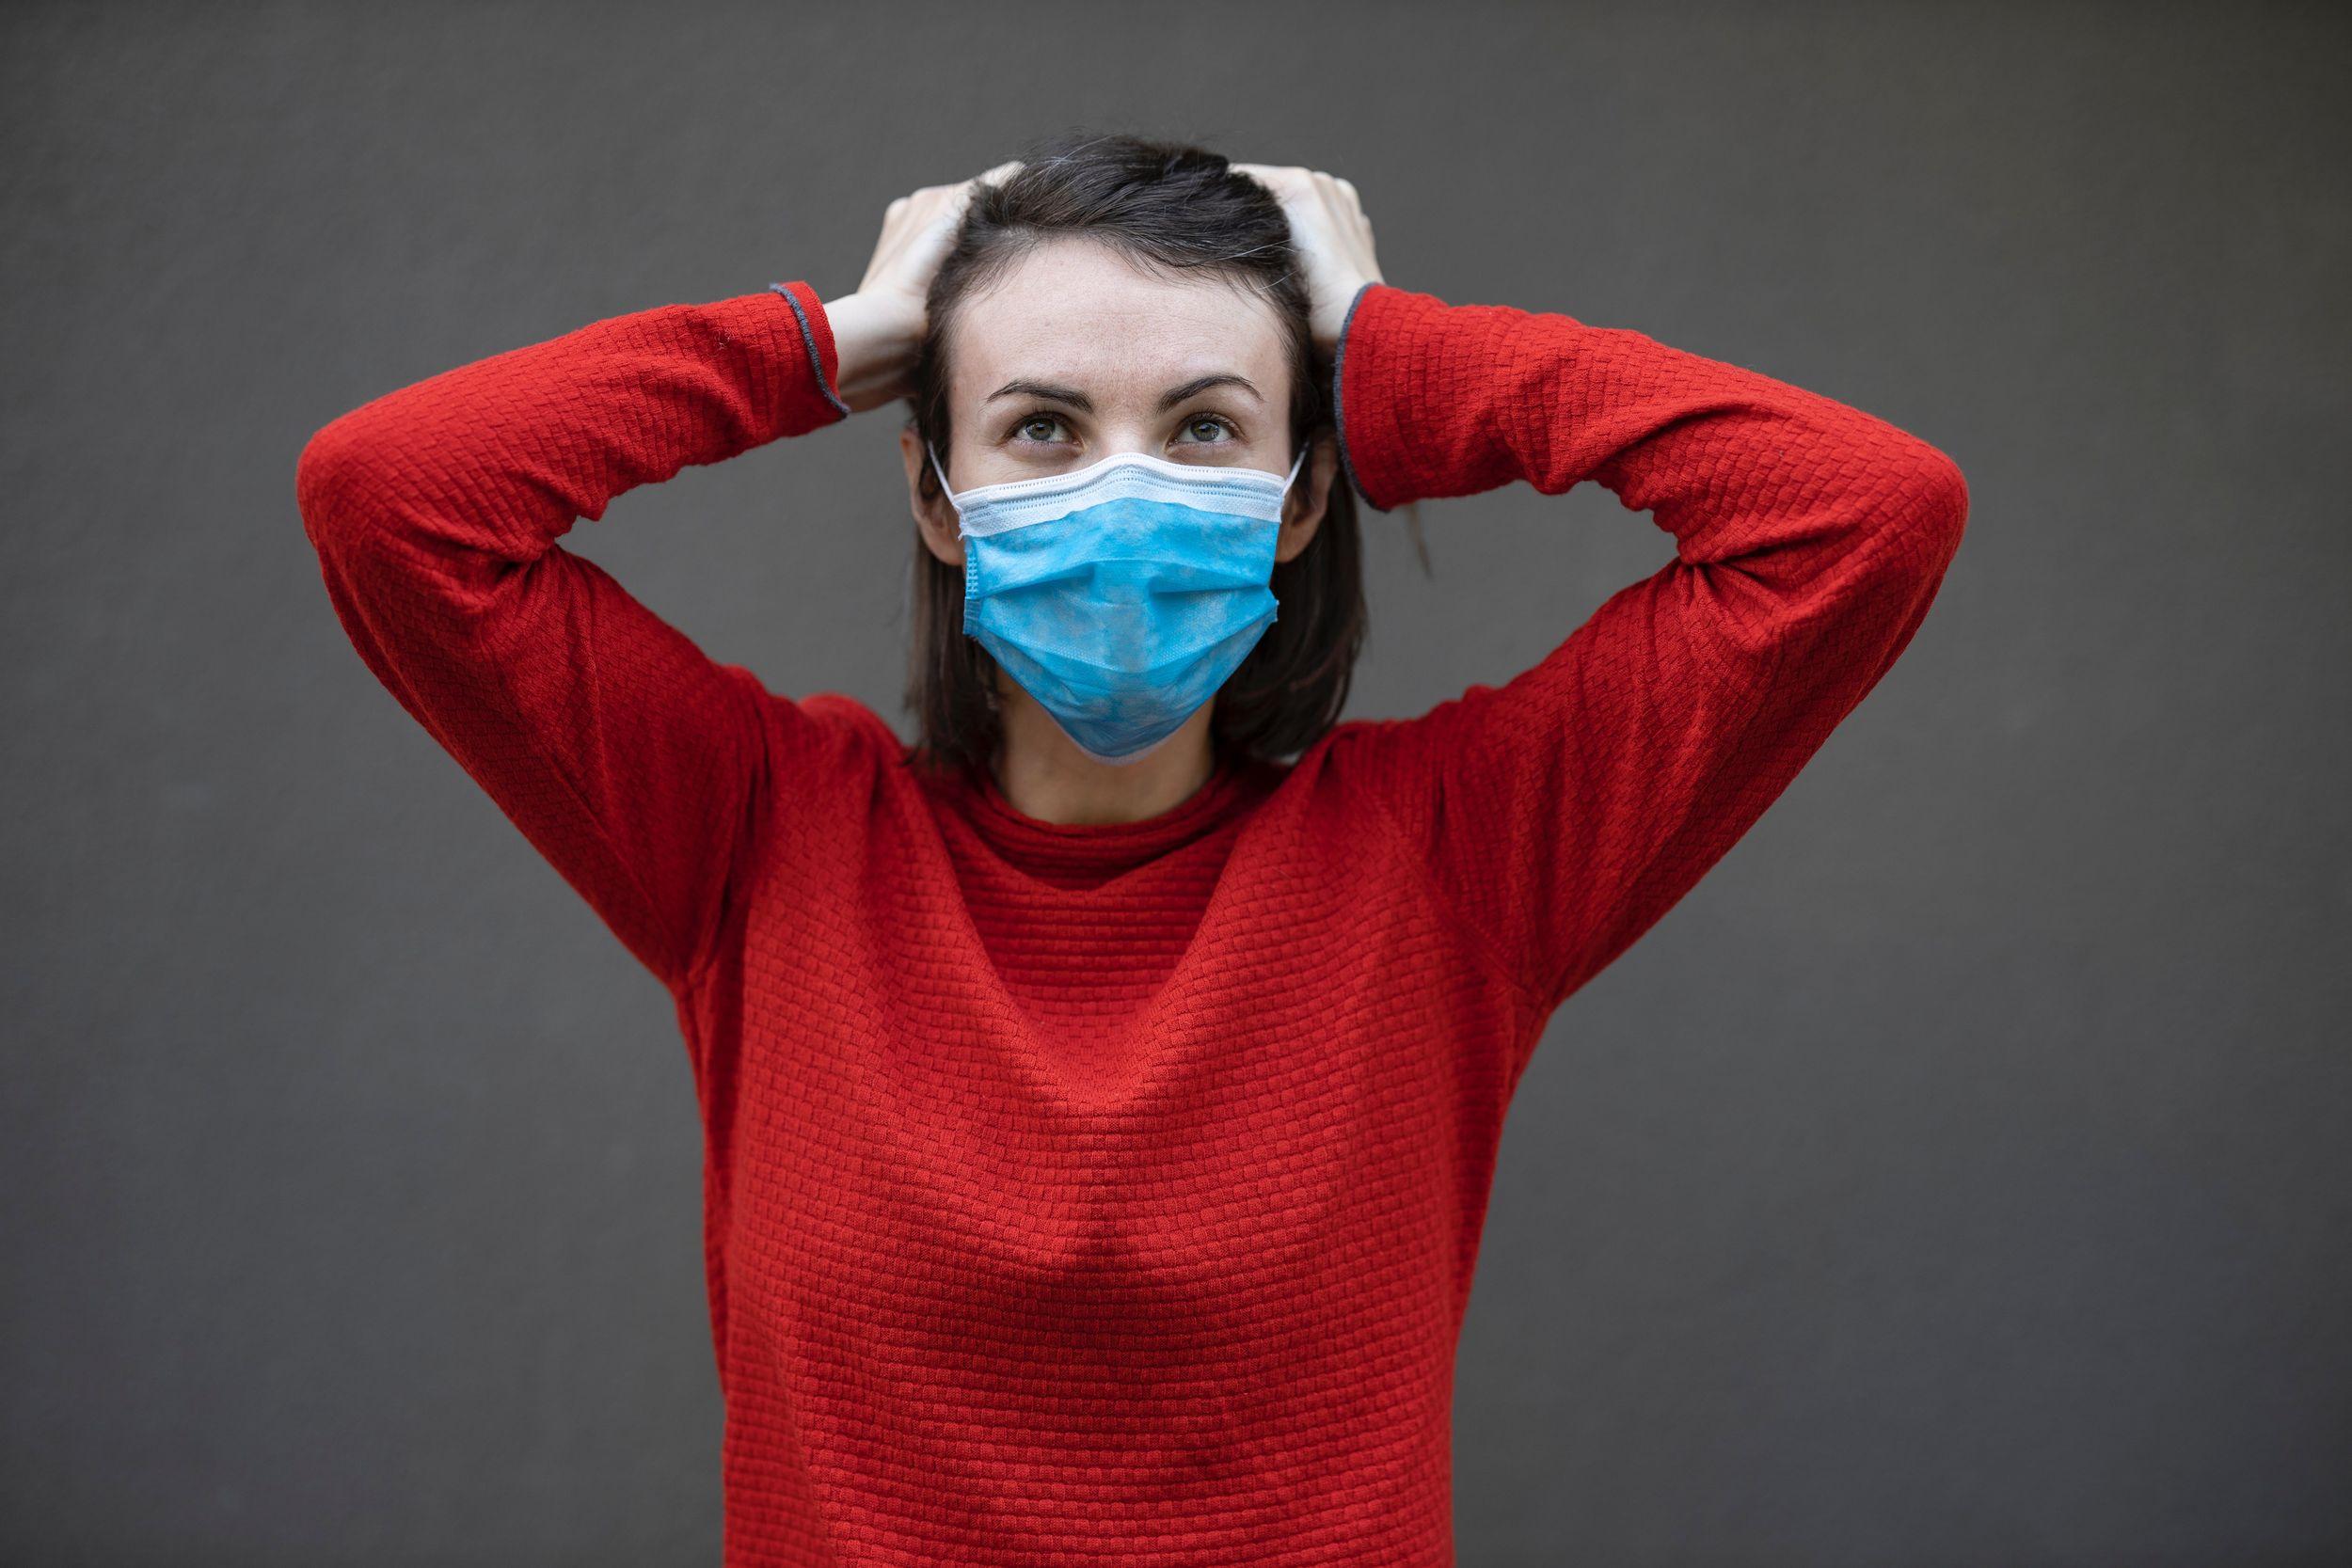 Alltagsmasken - sinnvoll zum Eigenschutz und zum Schutz von anderen